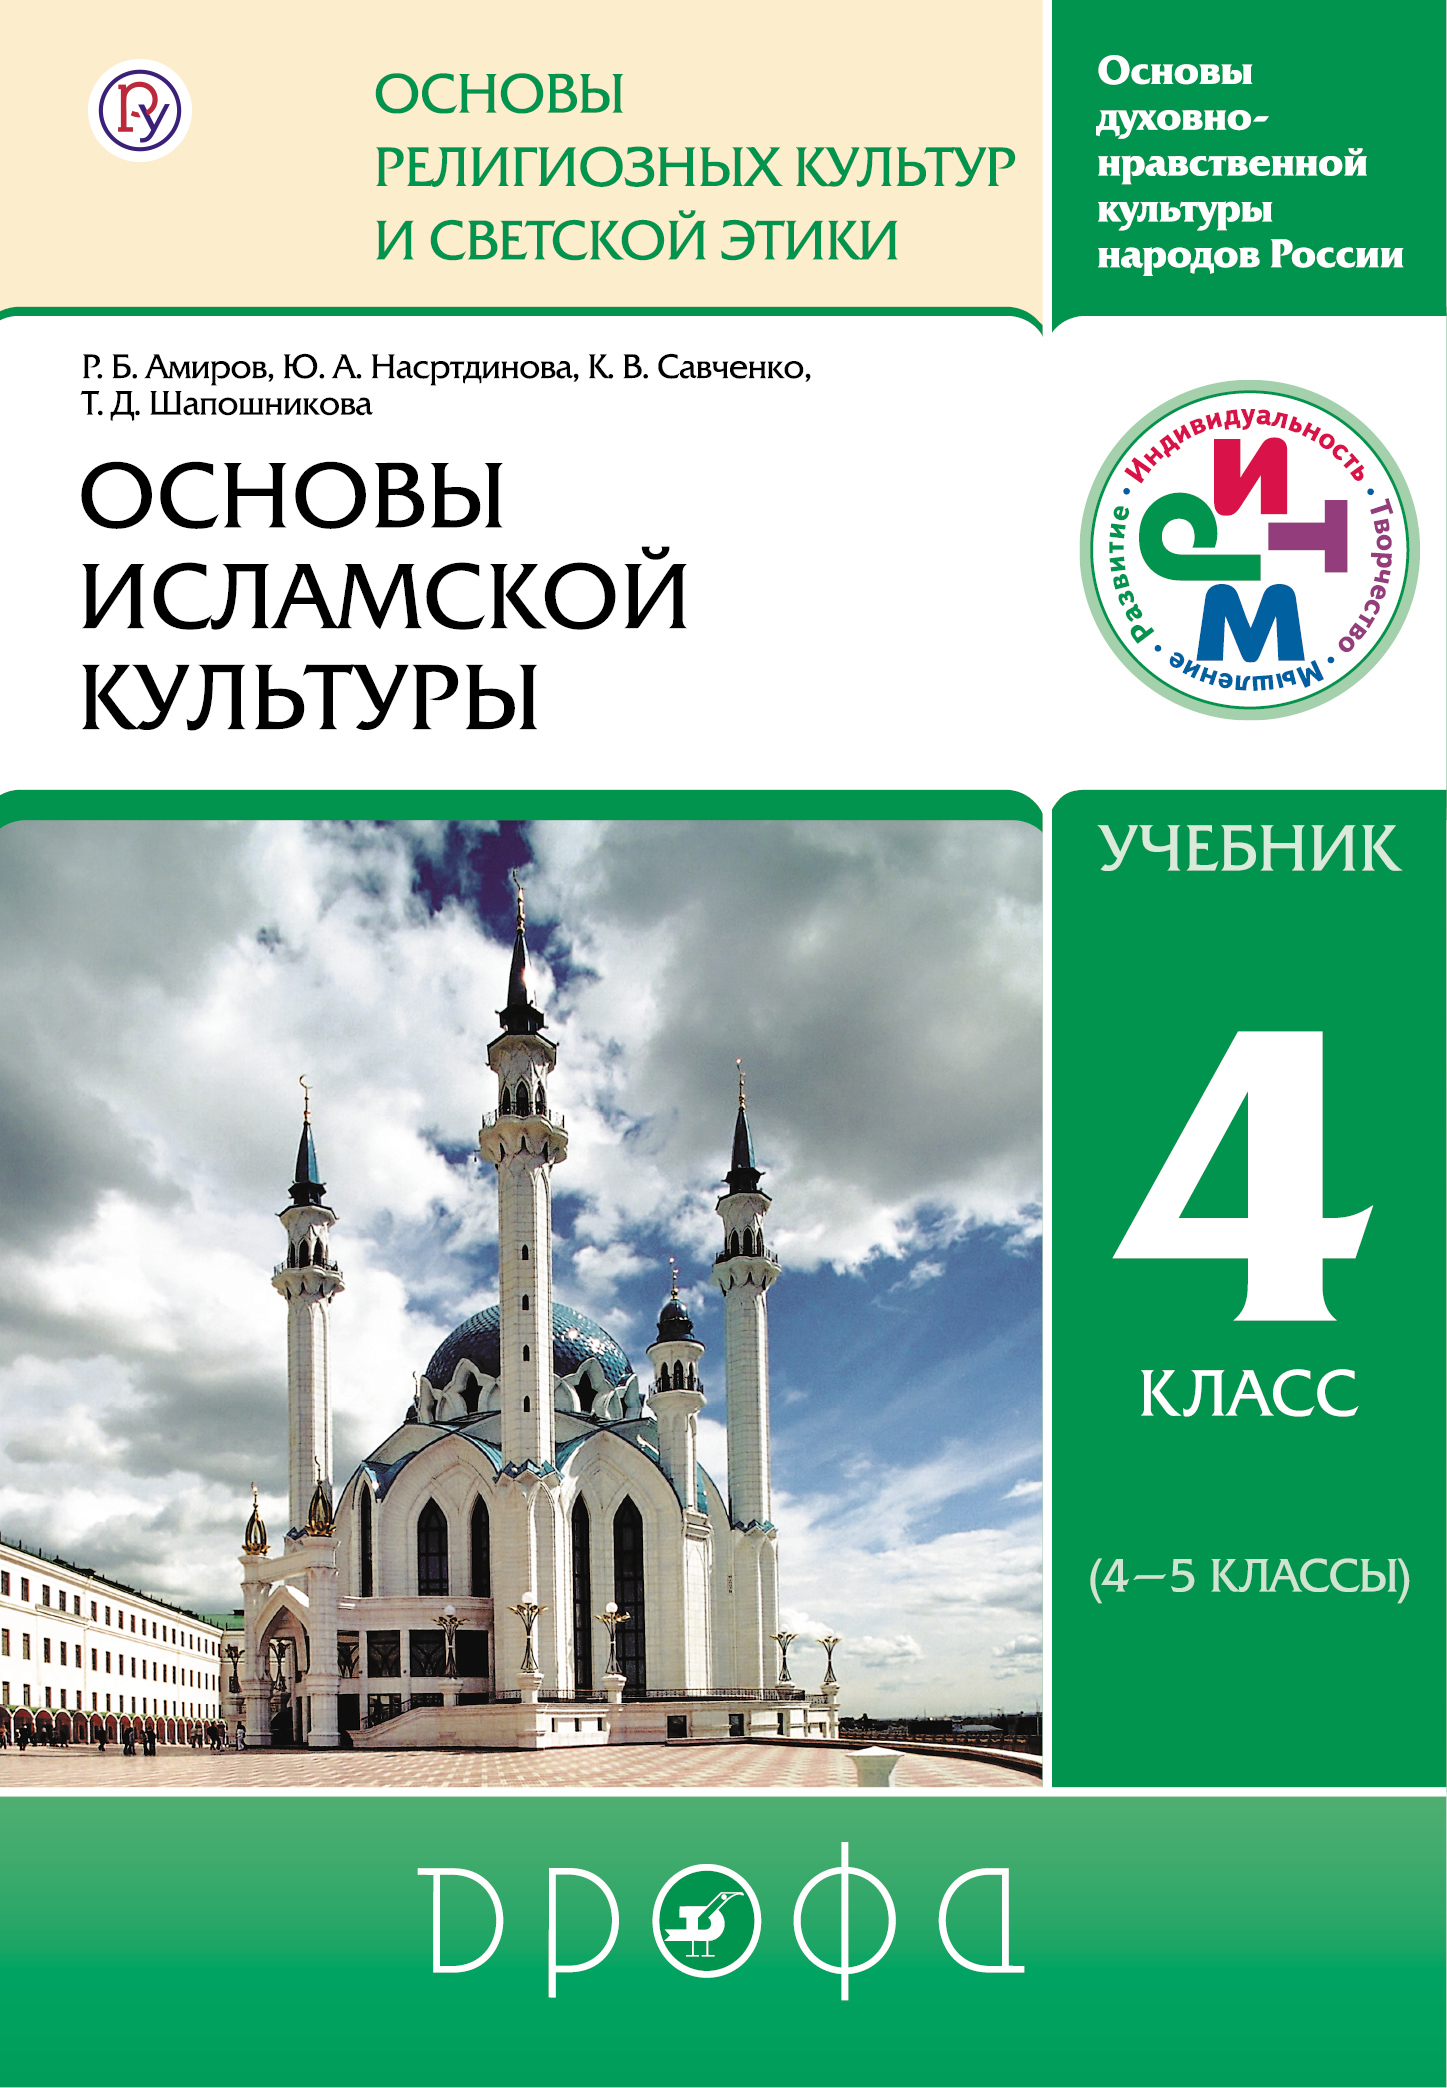 Смотреть учебник по православной культуре скачать